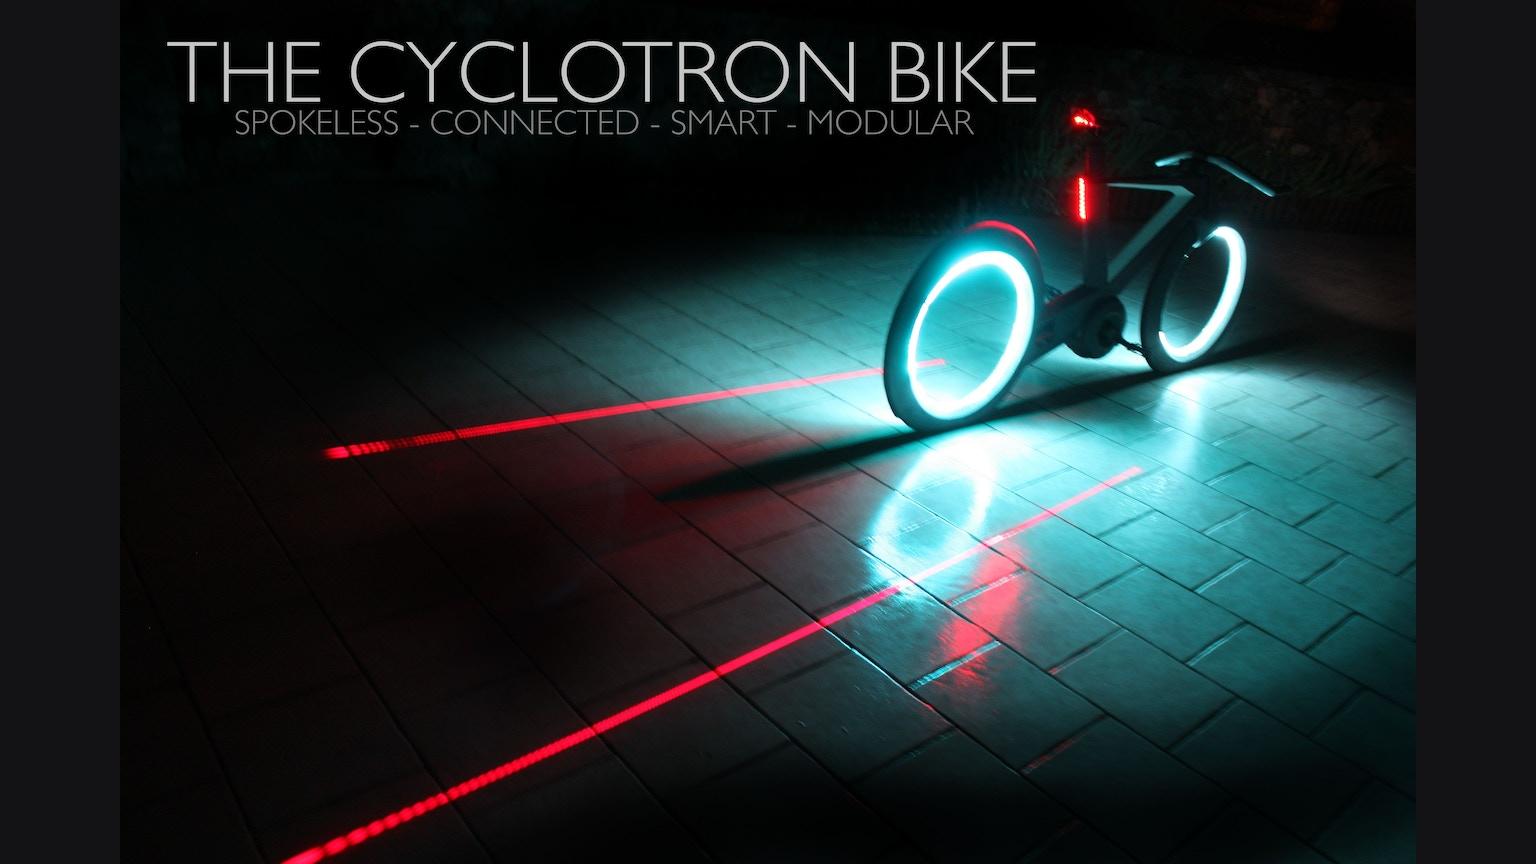 「サイクロトロン」はスポーク無し?フォルムが素敵すぎる!新世代の自転車